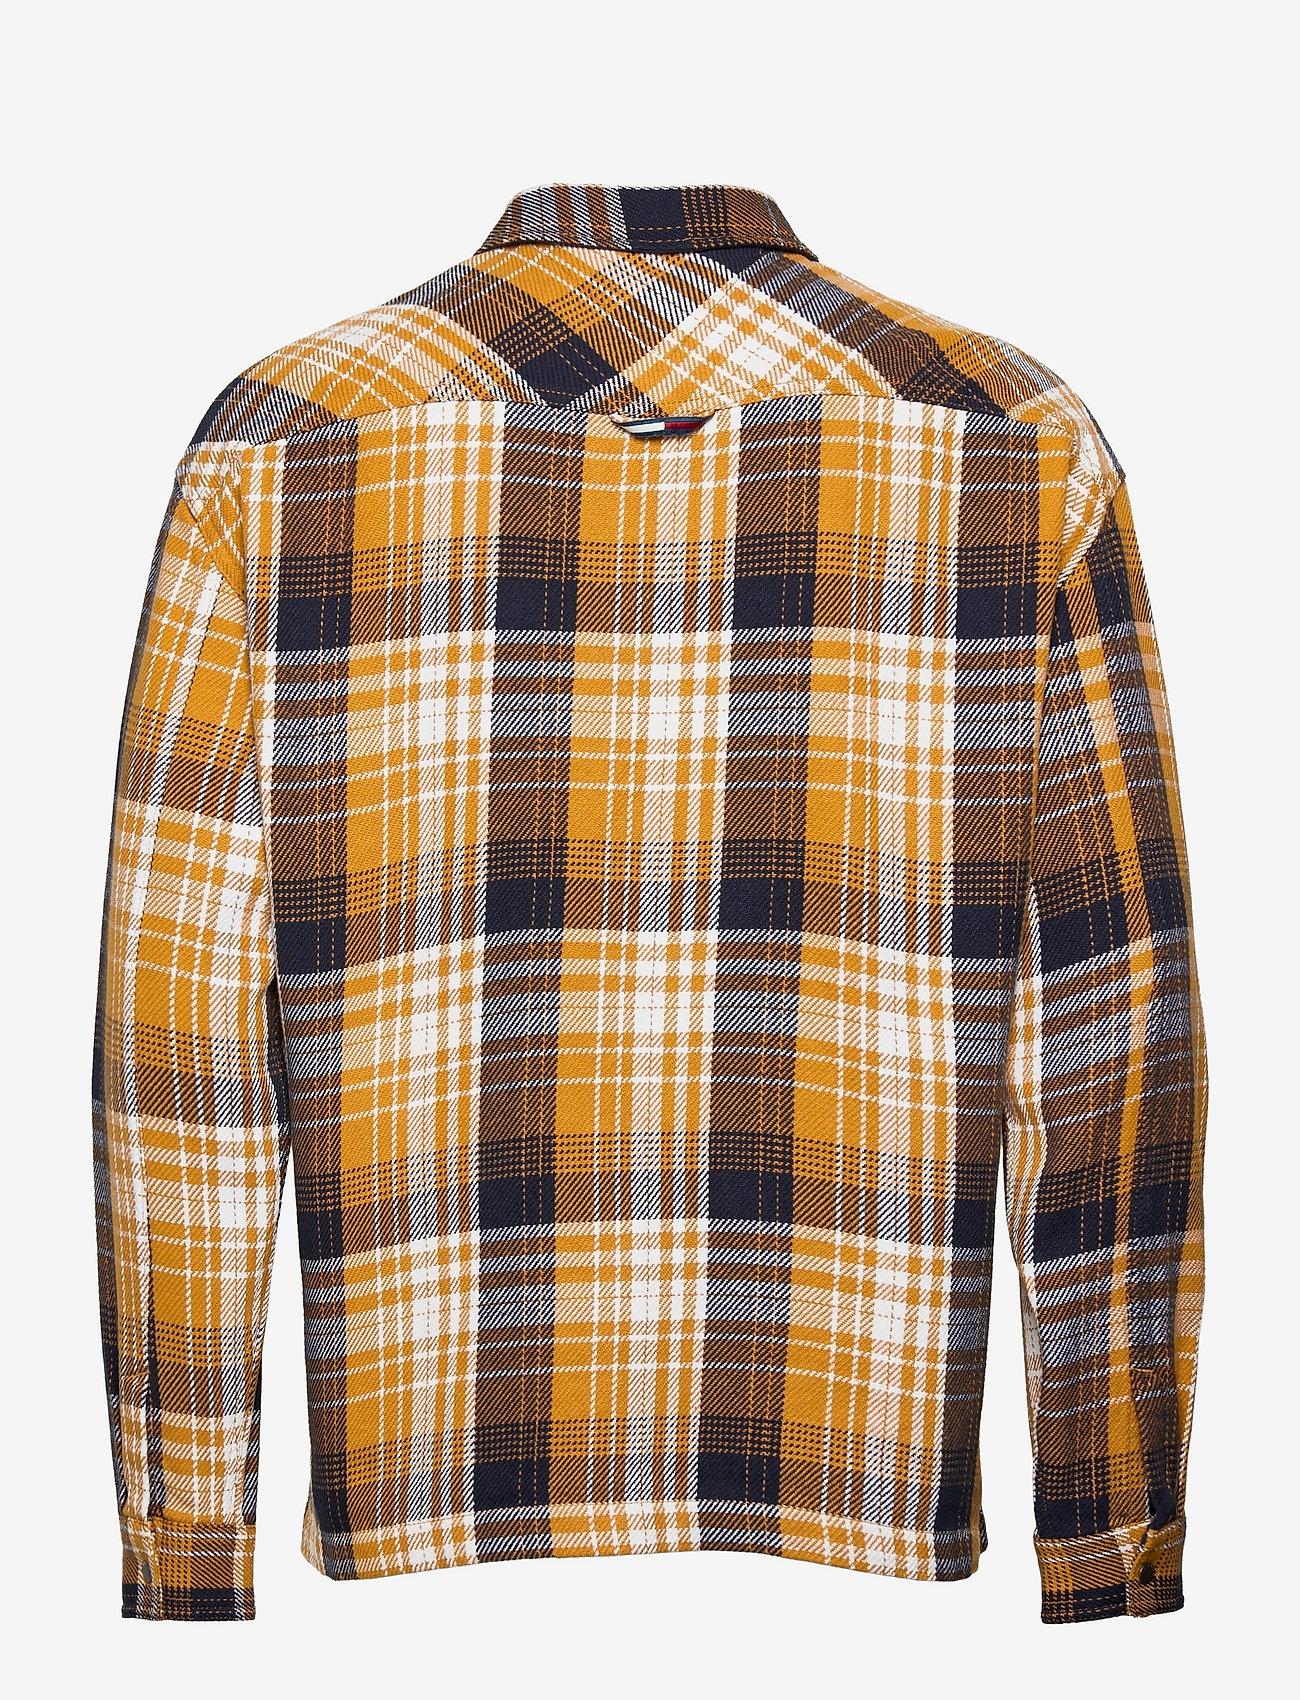 Tommy Jeans - TJM CHECK ZIP OVERSHIRT - kläder - golden age / multi - 1